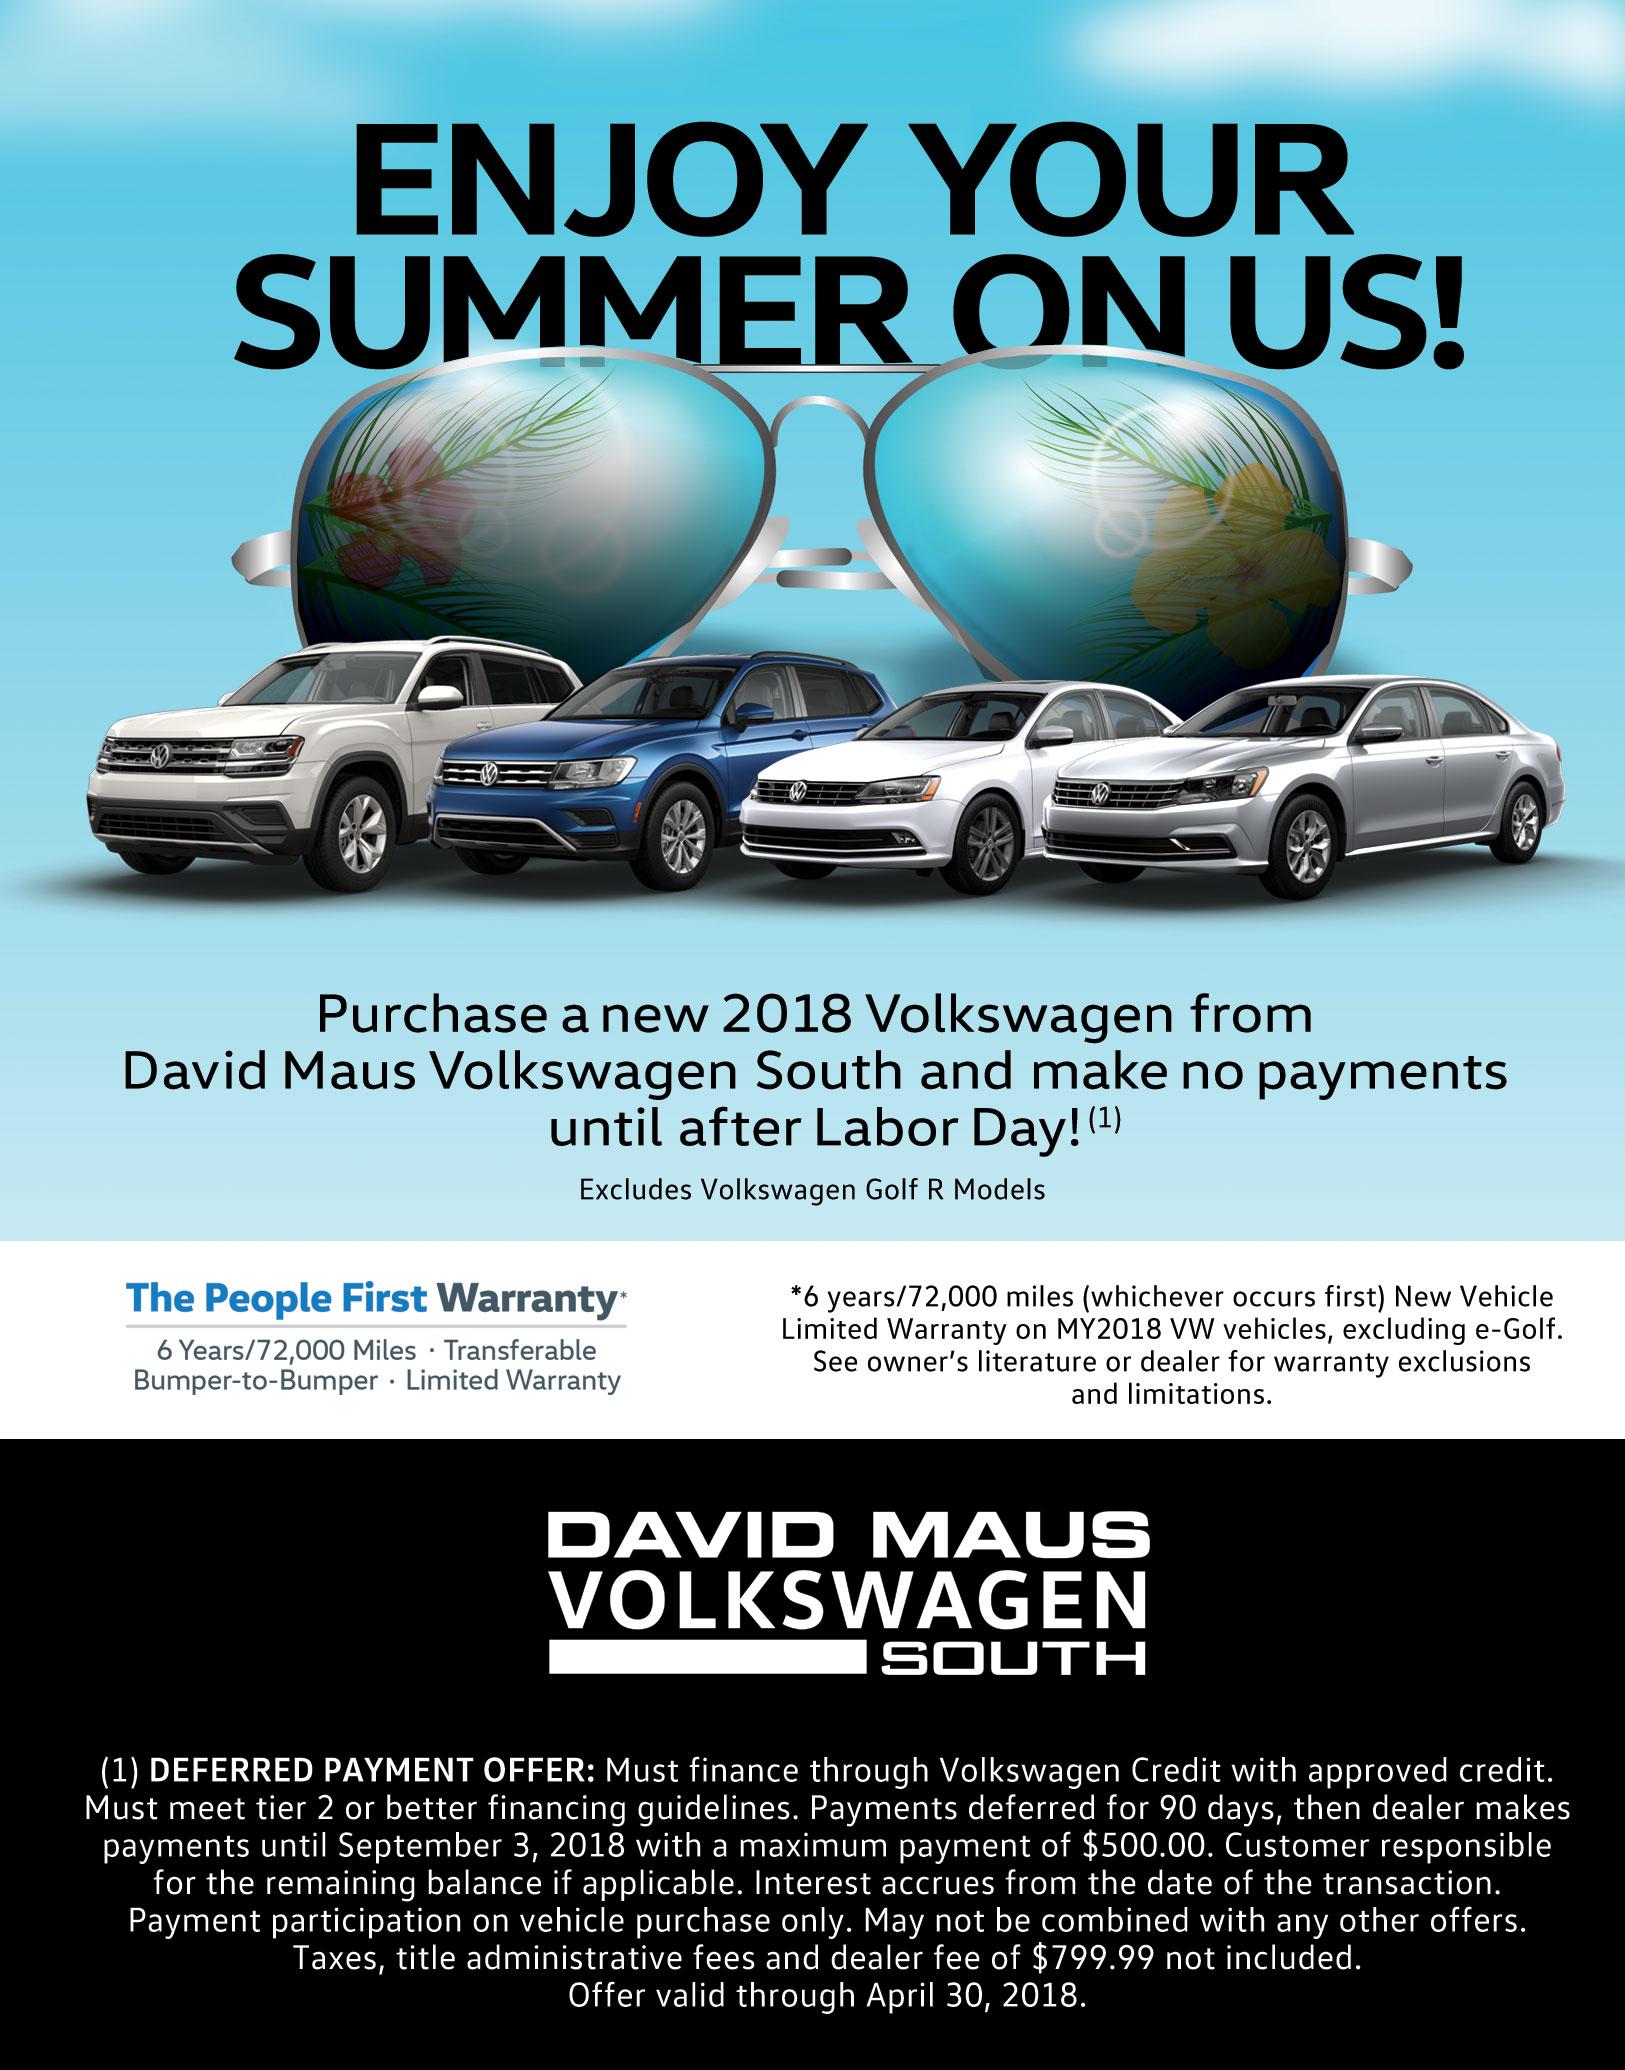 David Maus Volkswagen South